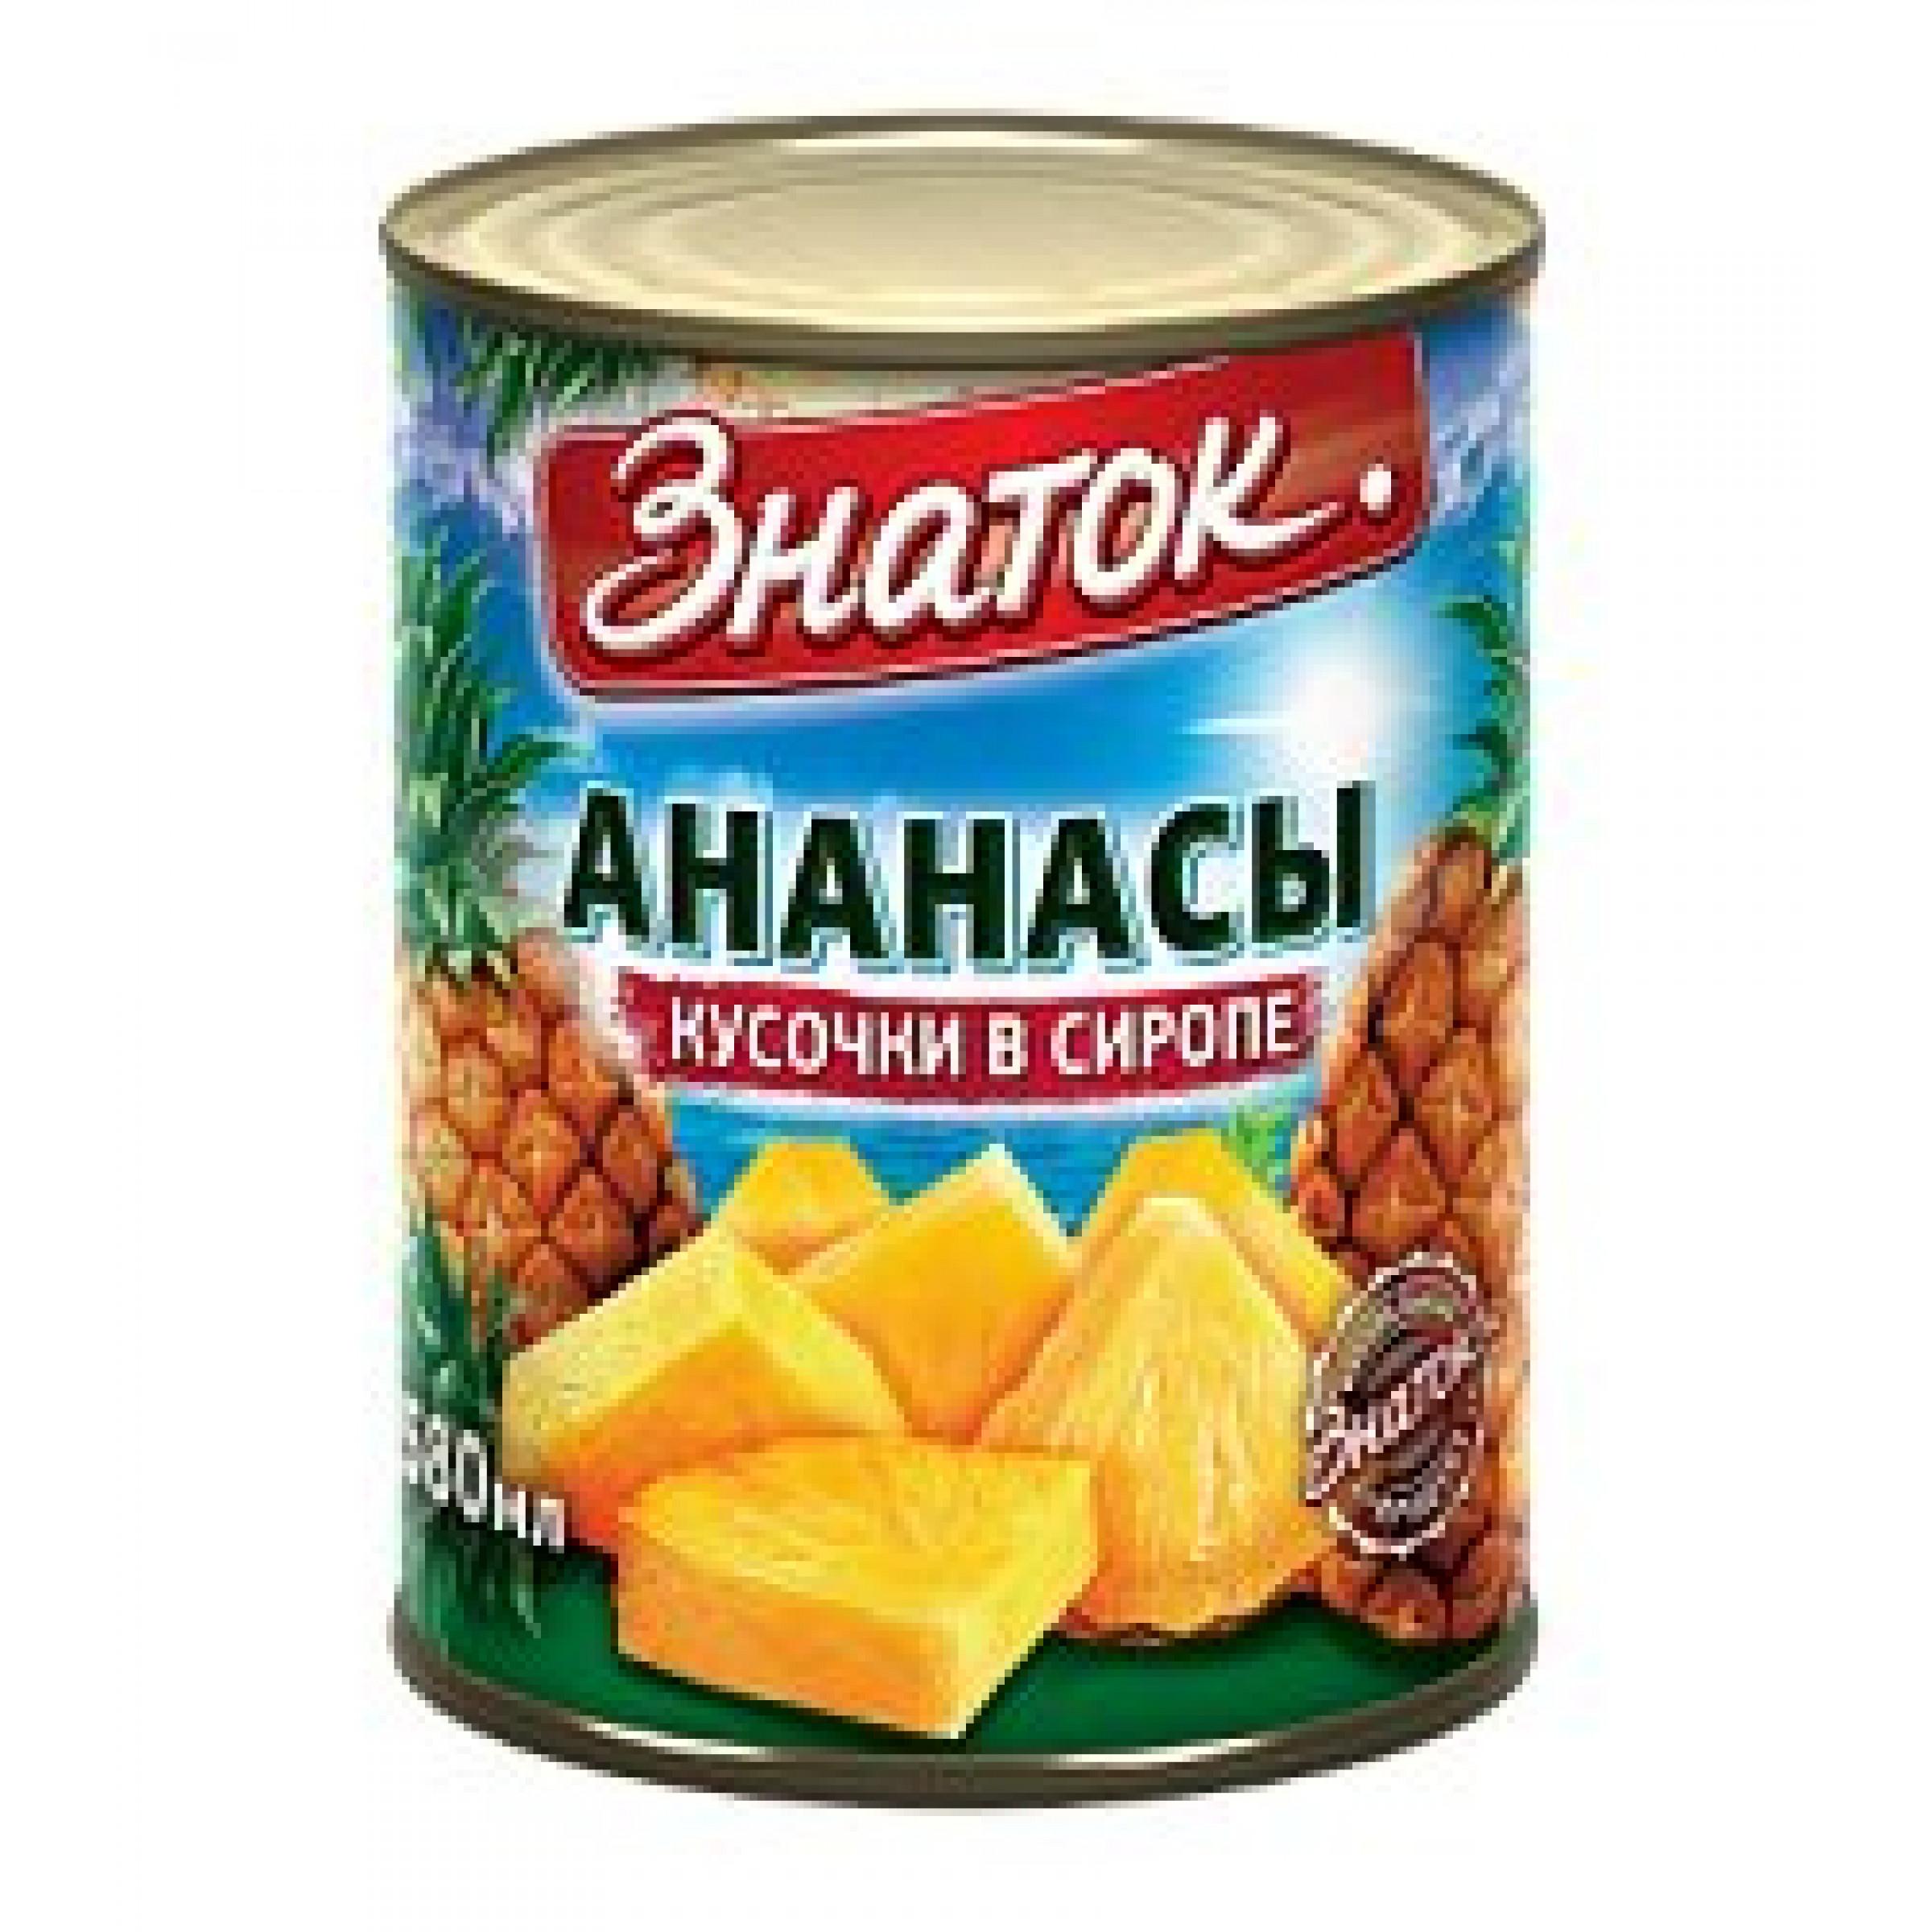 Ананасы в сиропе кусочки Знаток, 565 гр